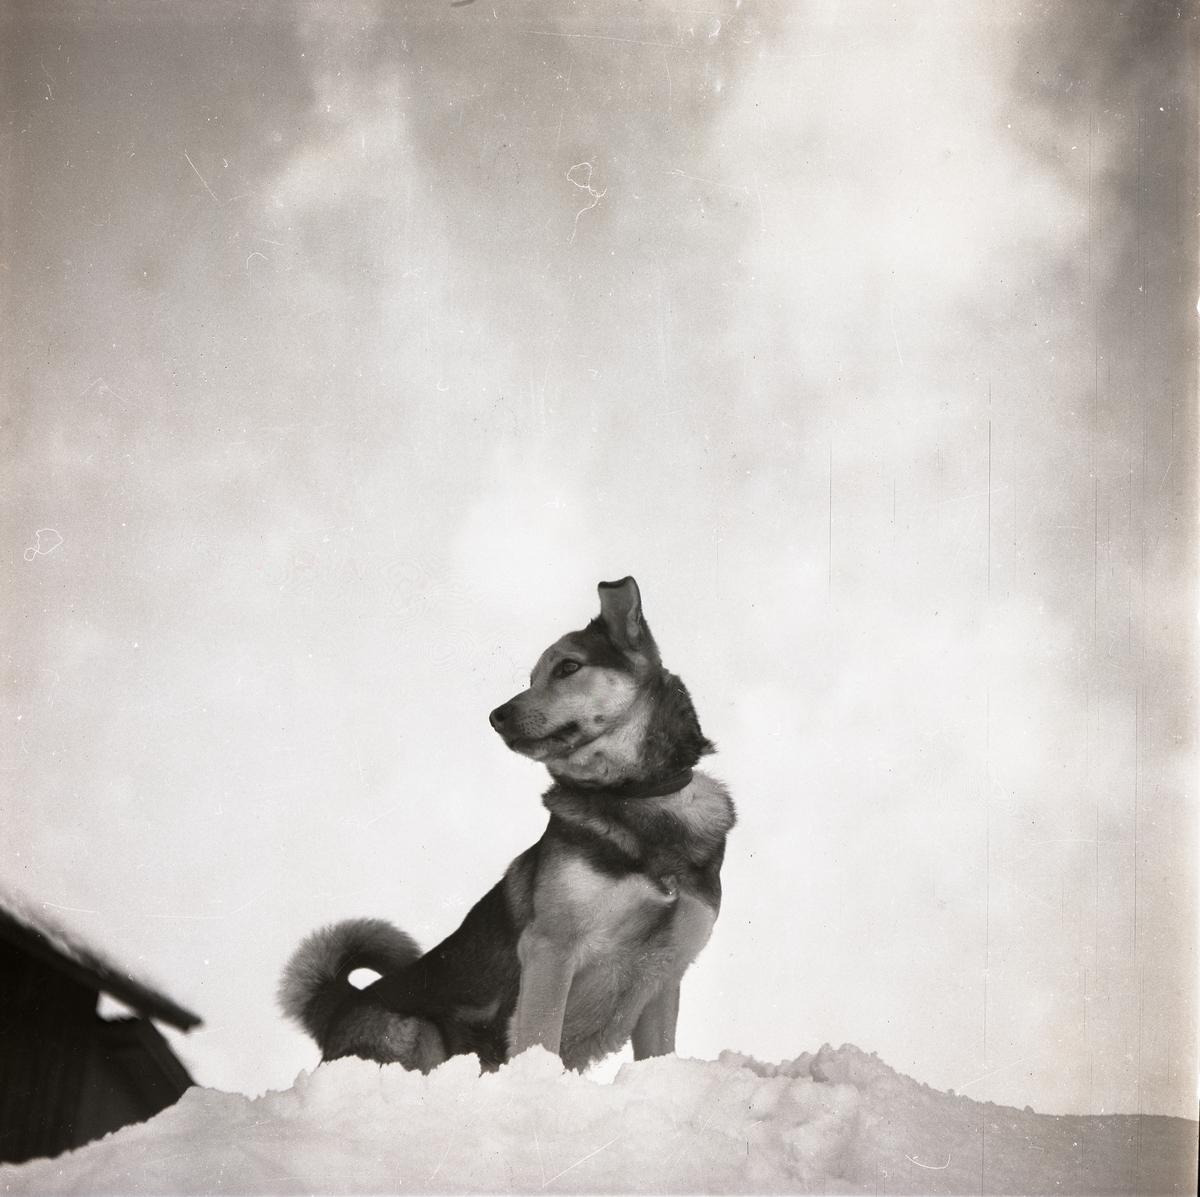 En hund sitter på en snöhög, 12 februari 1951.